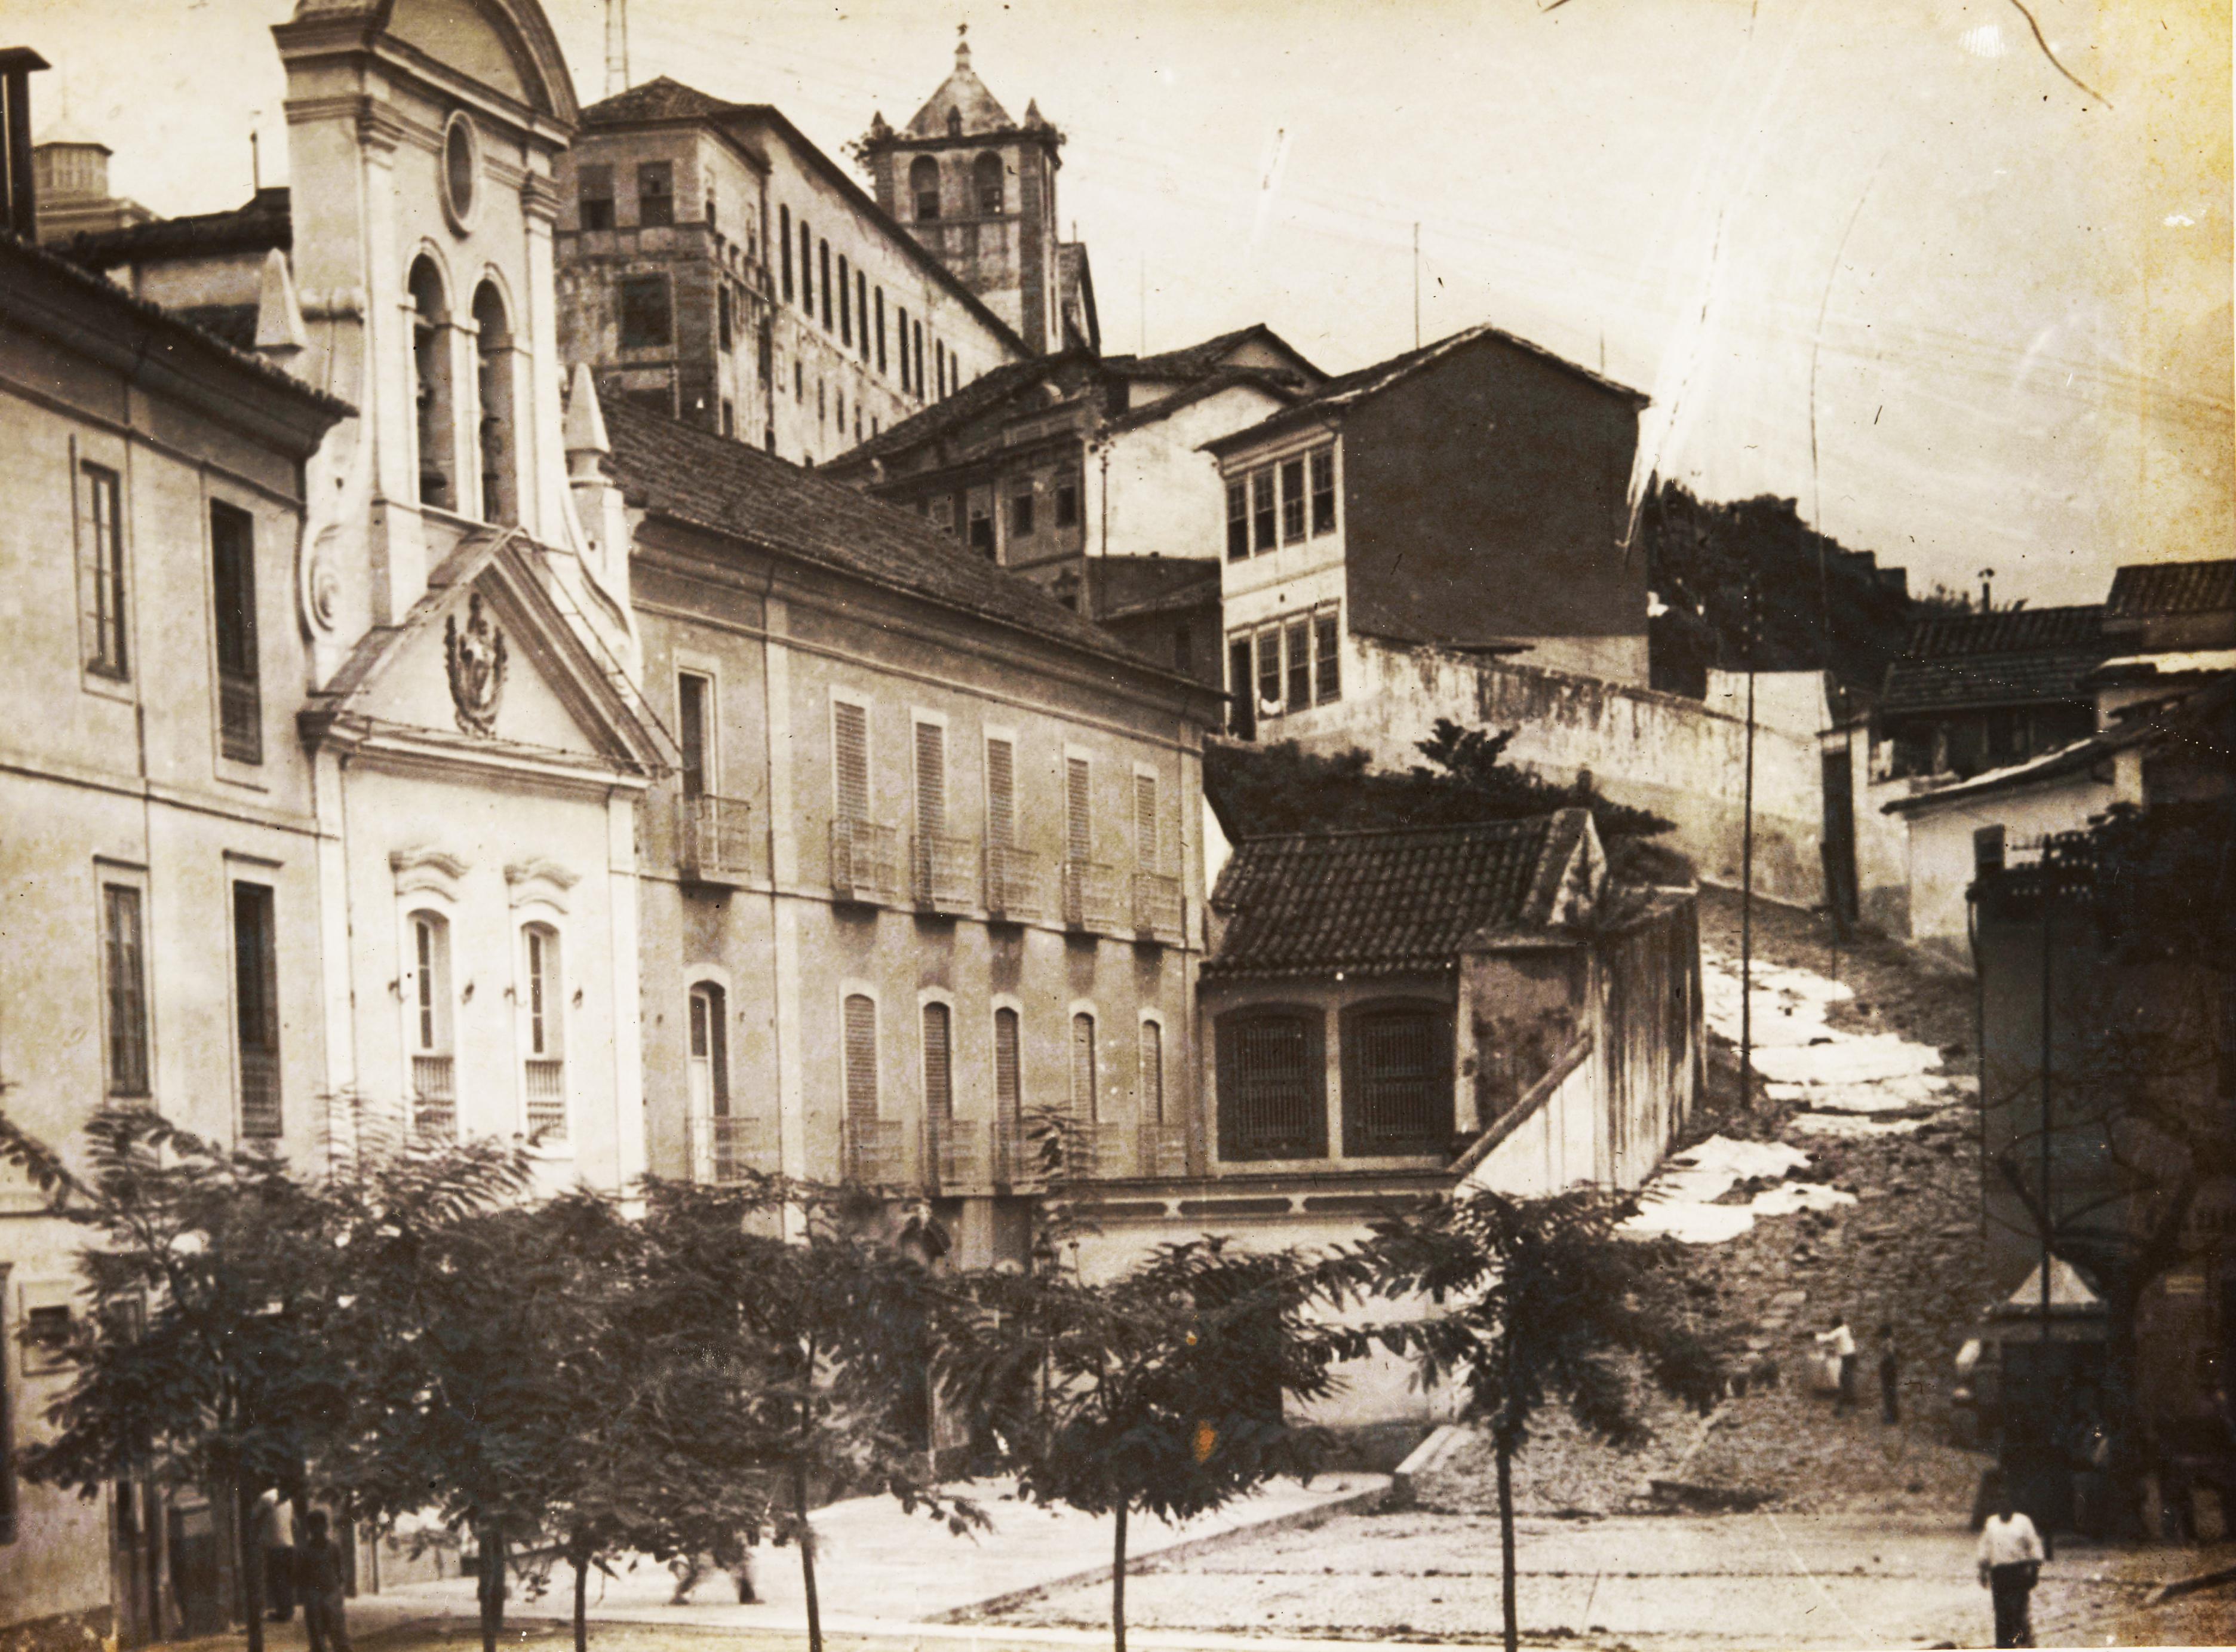 (1) Morro do Castelo. Augusto Malta <br> Acervo da Fundação Biblioteca Nacional - Brasil